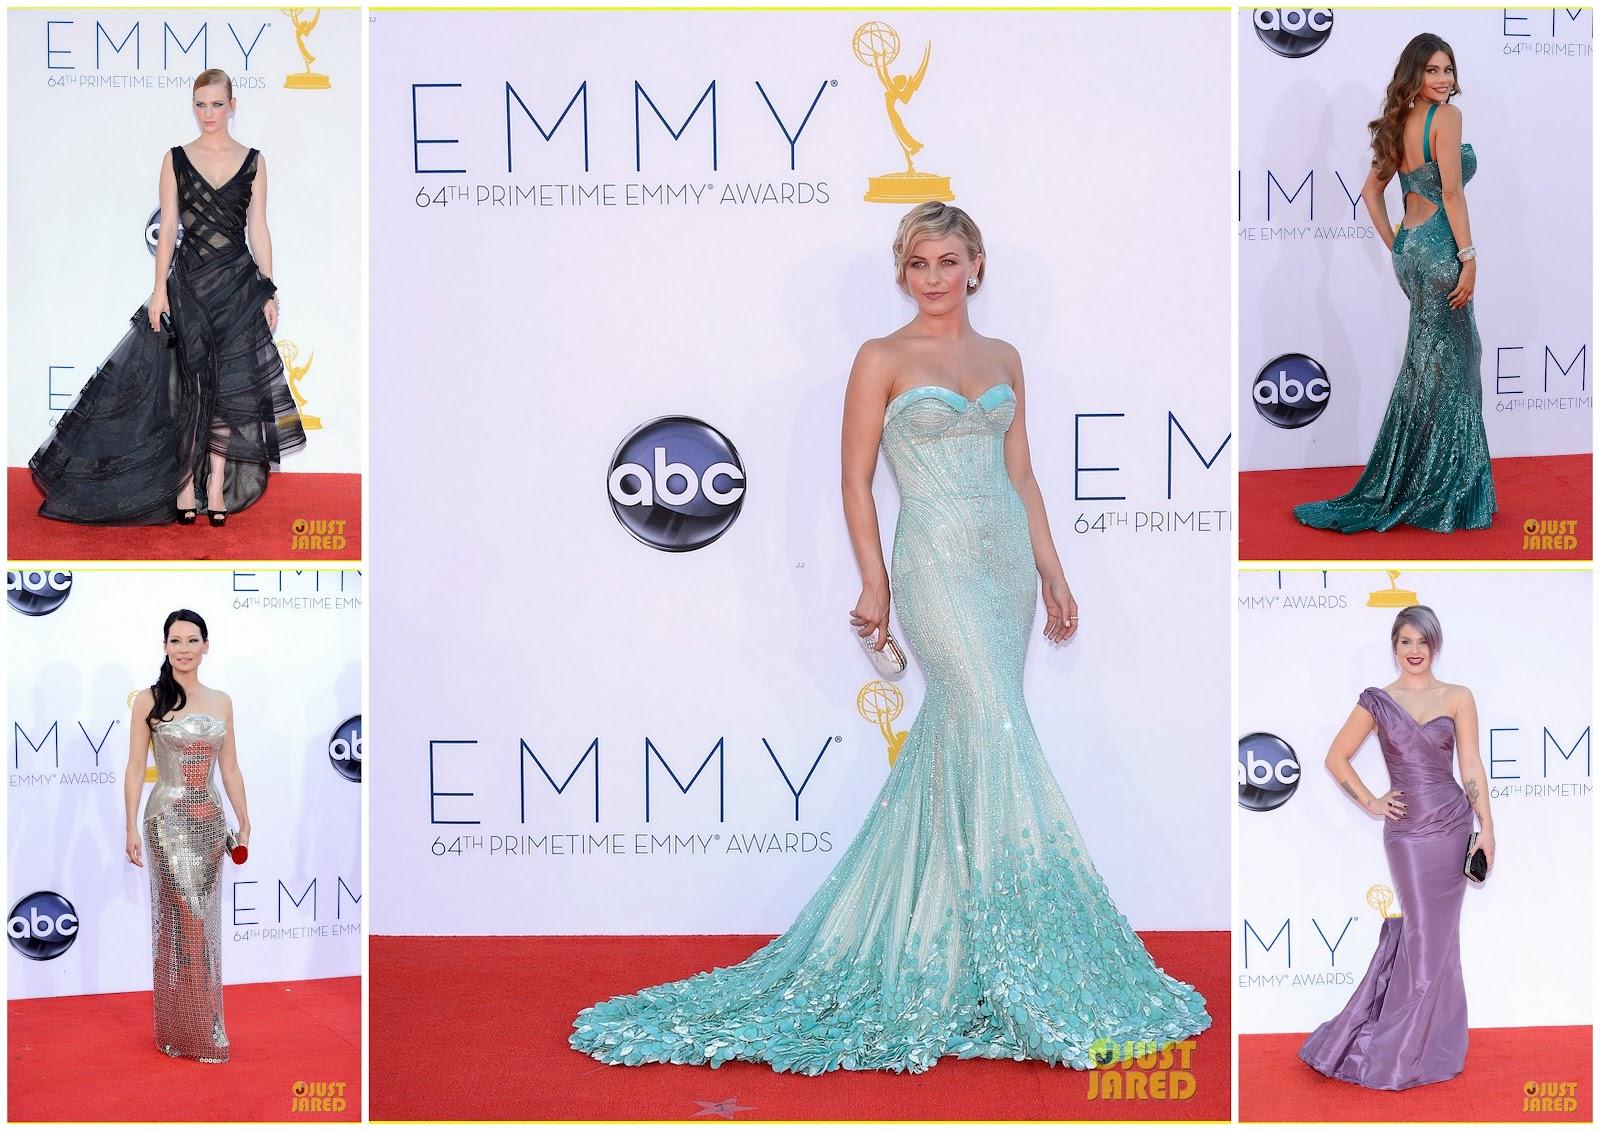 http://1.bp.blogspot.com/-aAy5_GLYHe8/UGAiRCZWR1I/AAAAAAAABeQ/XFKskb7ybtY/s1600/Emmy.jpg